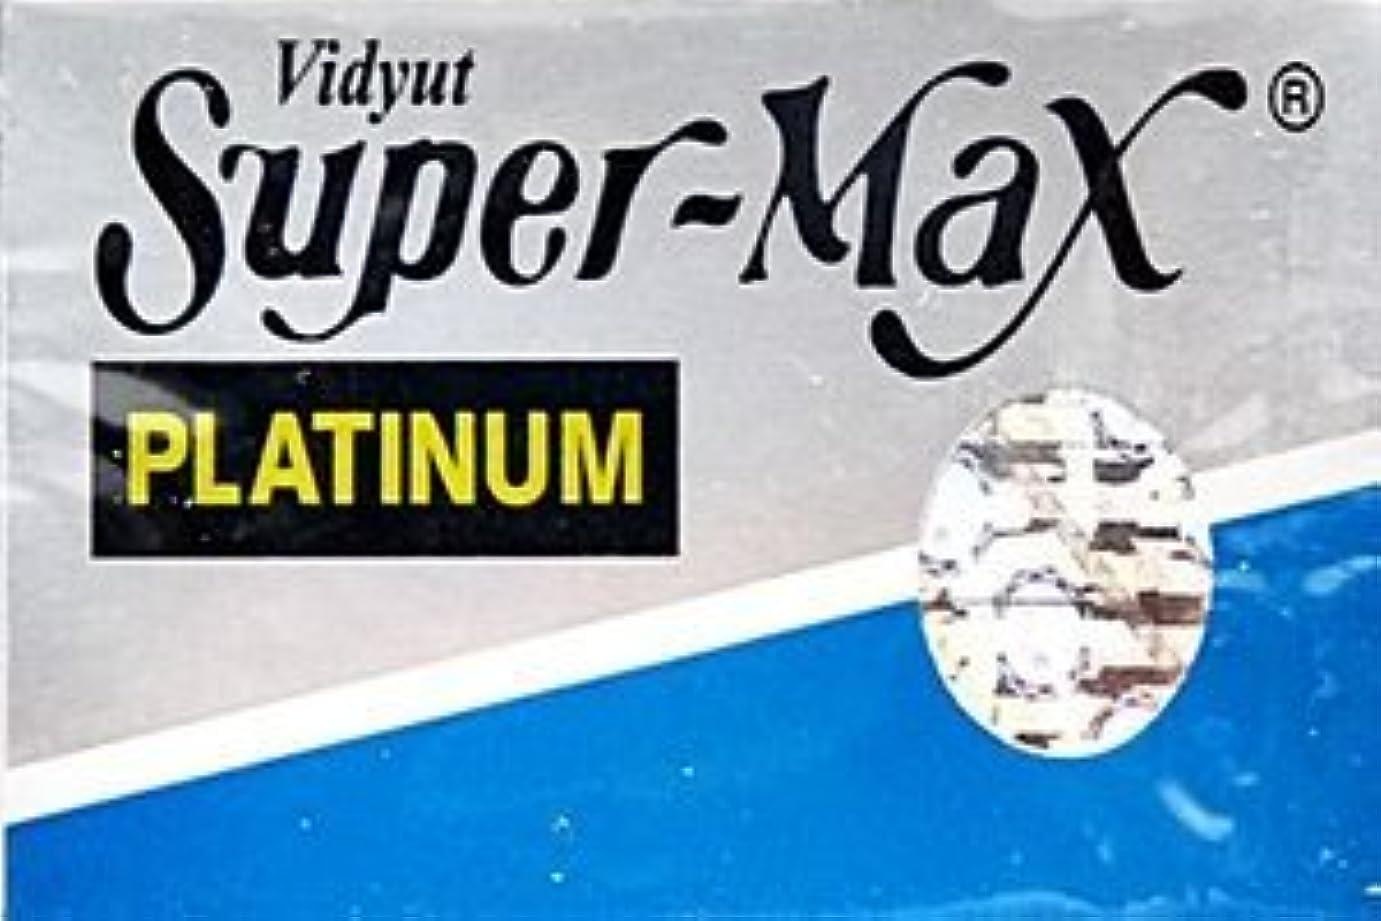 保存レルムラジエーターSuper-Max Platinum 両刃替刃 5枚入り(5枚入り1 個セット)【並行輸入品】